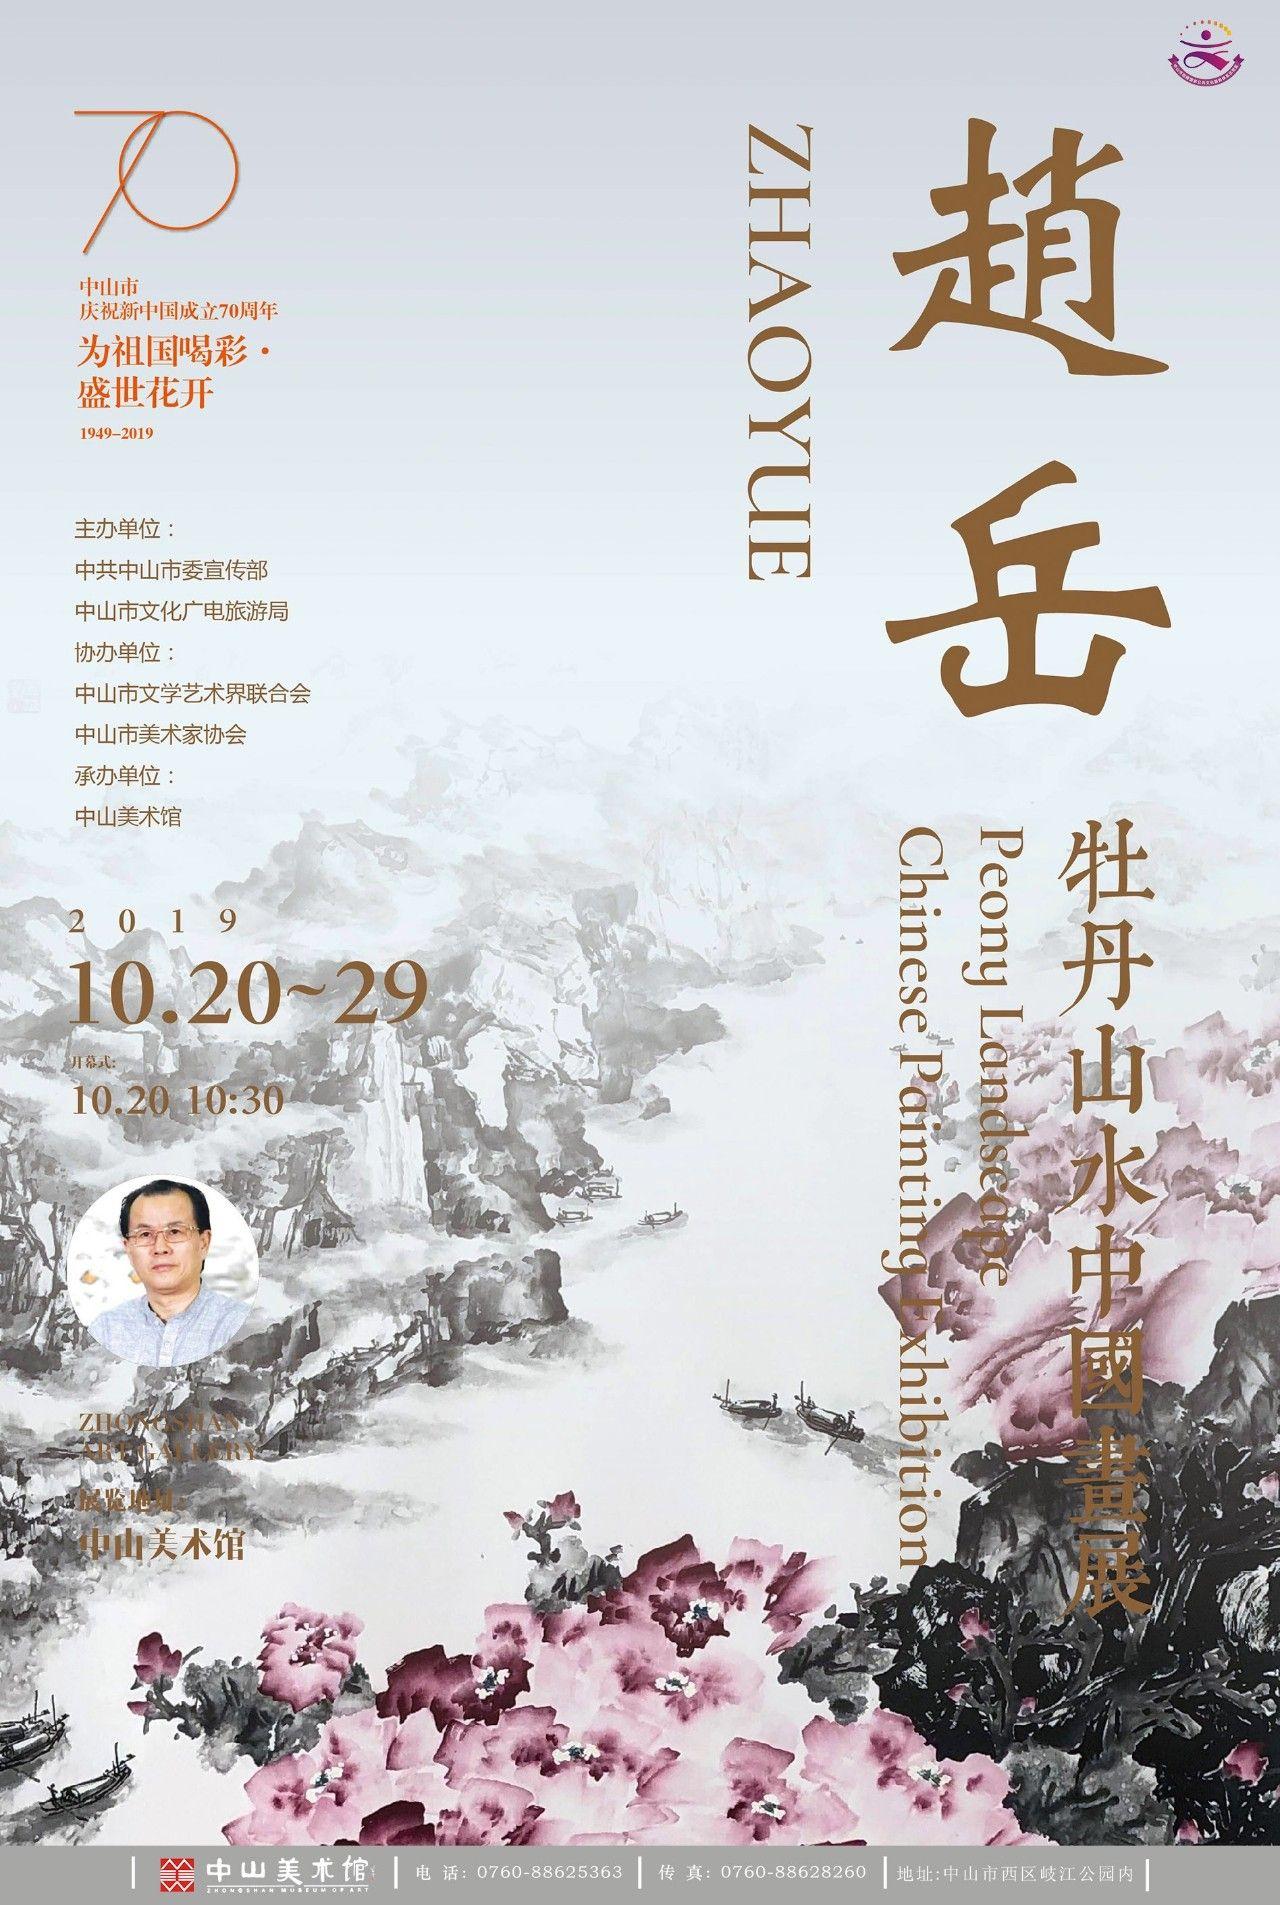 《赵岳牡丹山水中国画展》将在中山美术馆展出